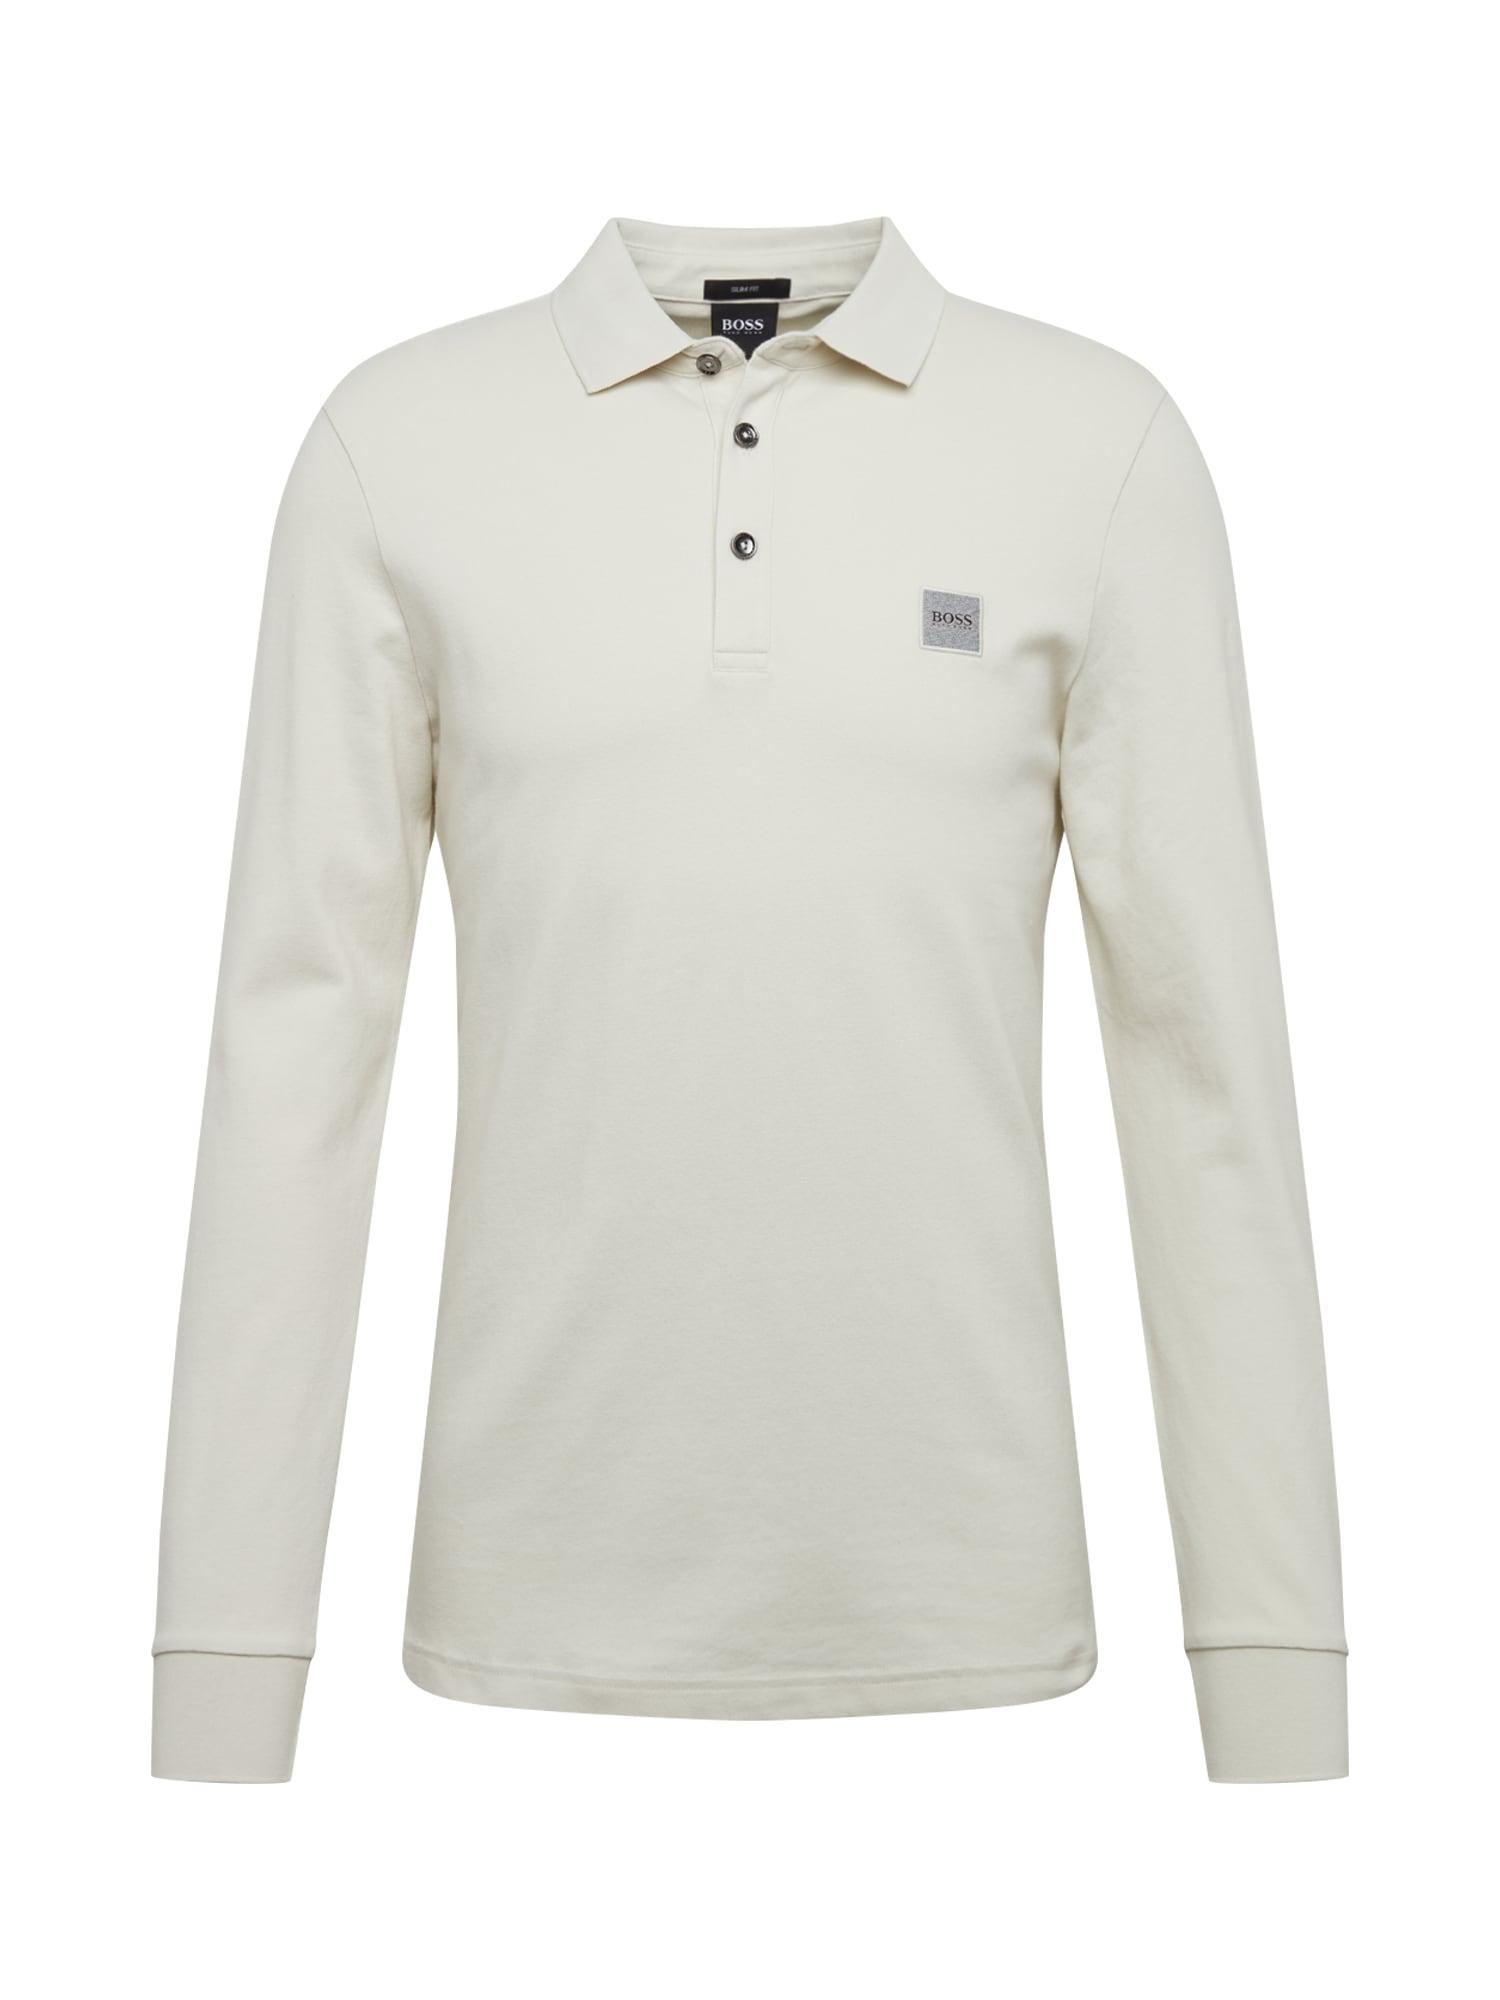 BOSS Marškinėliai 'Passerby' natūrali balta